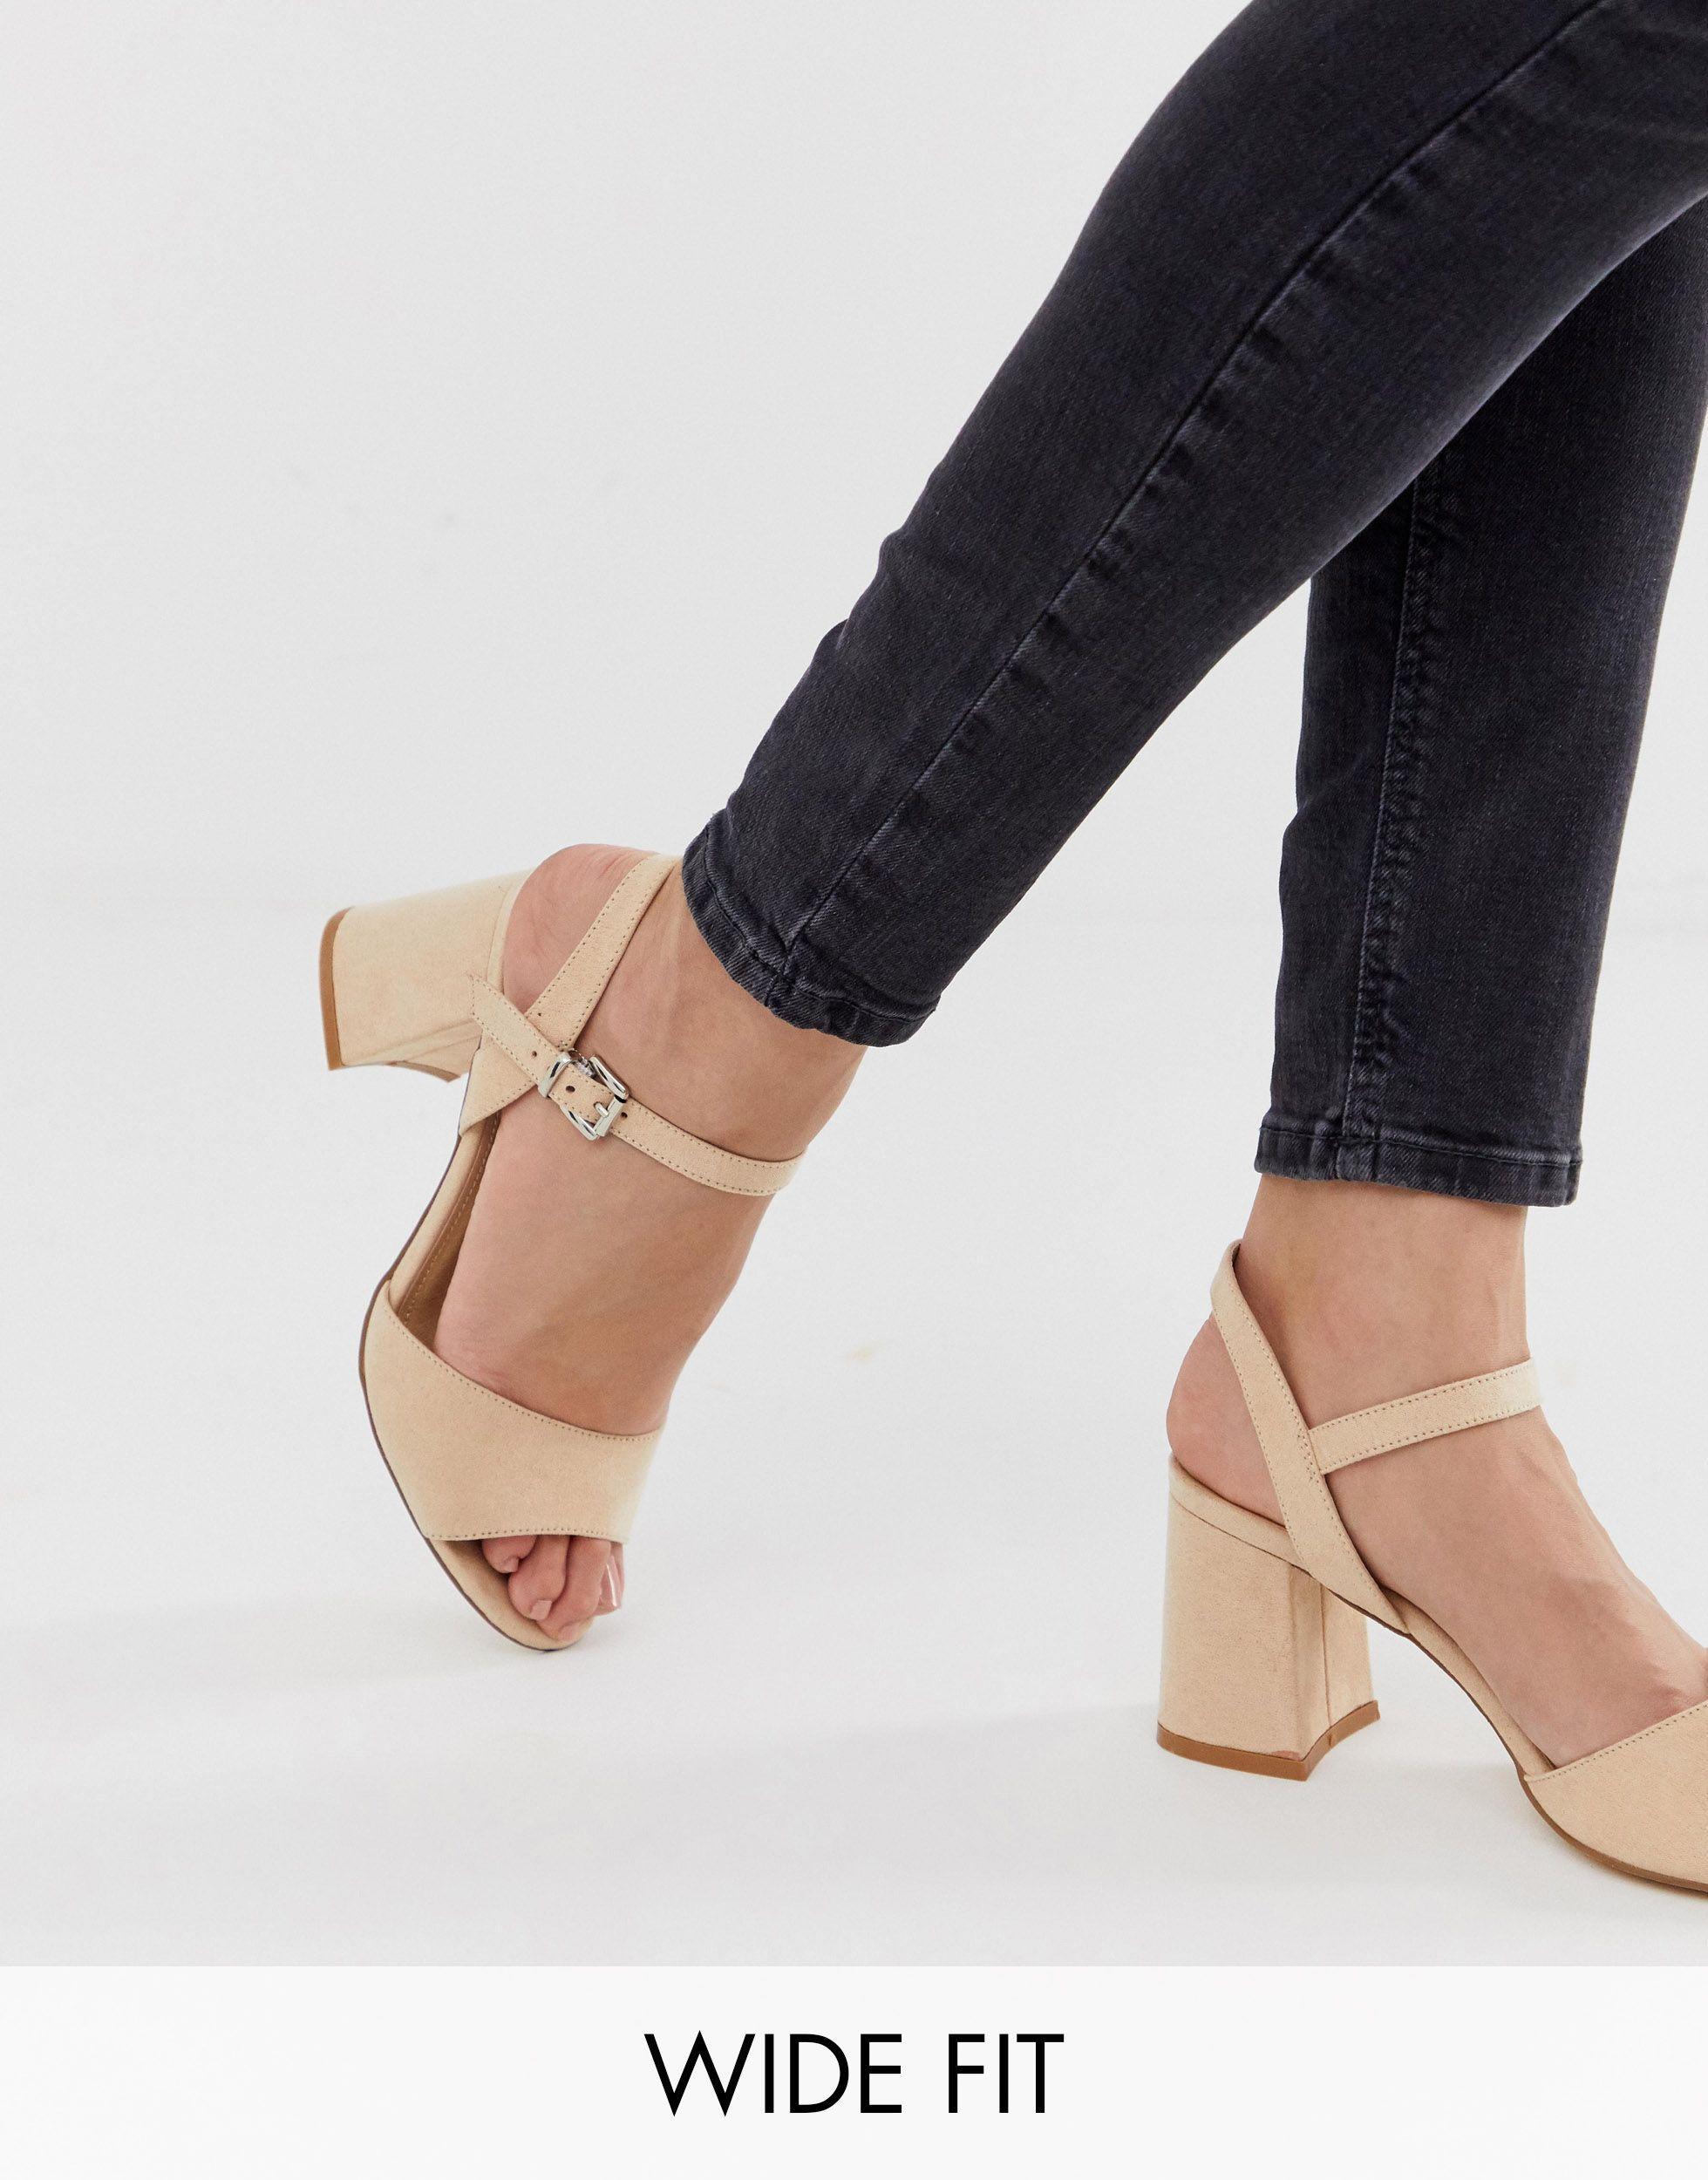 Wide Fit Block Heel Sandals in Beige